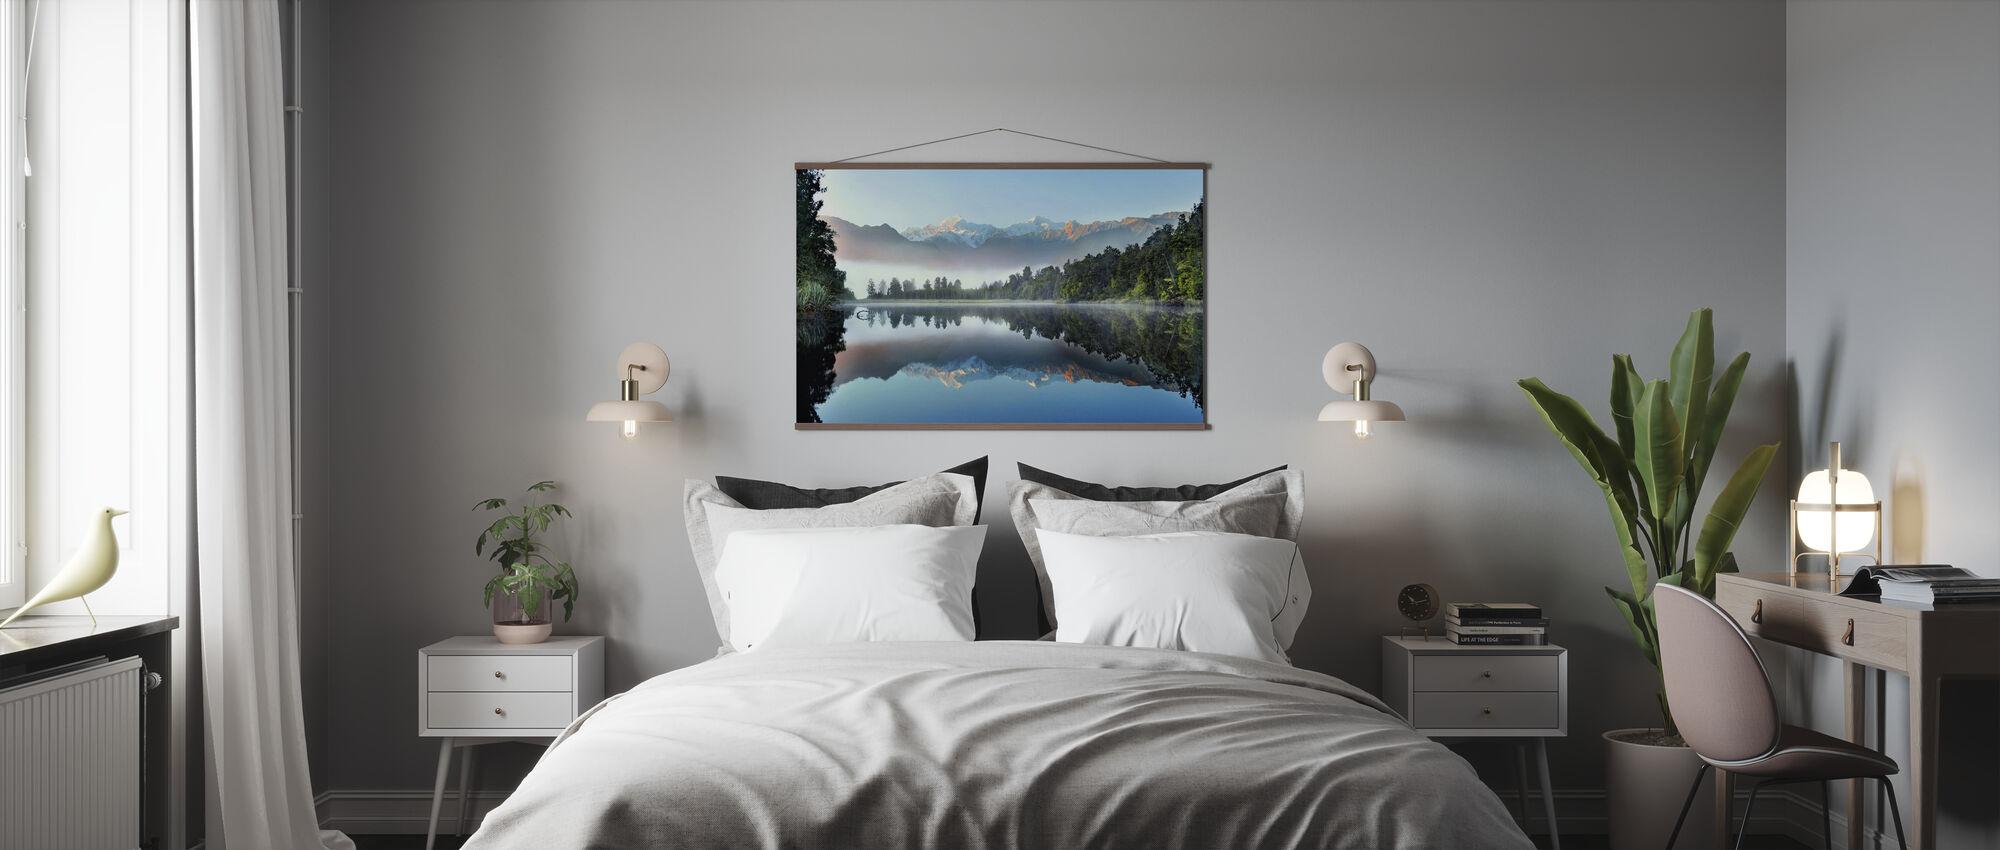 Reflektion av sjön Matheson - Poster - Sovrum